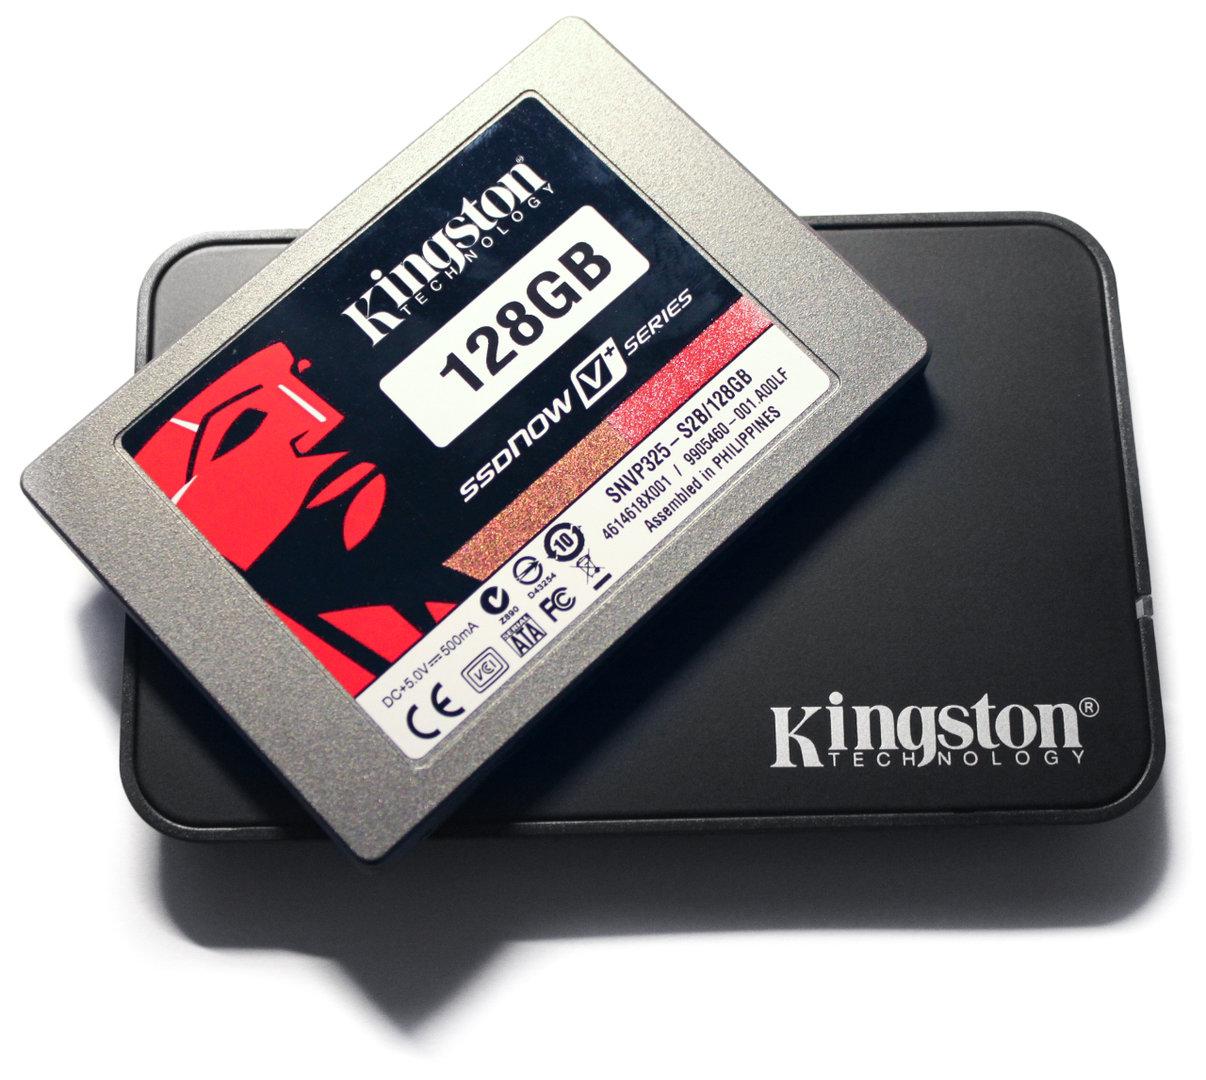 Kingston SSDNow V+